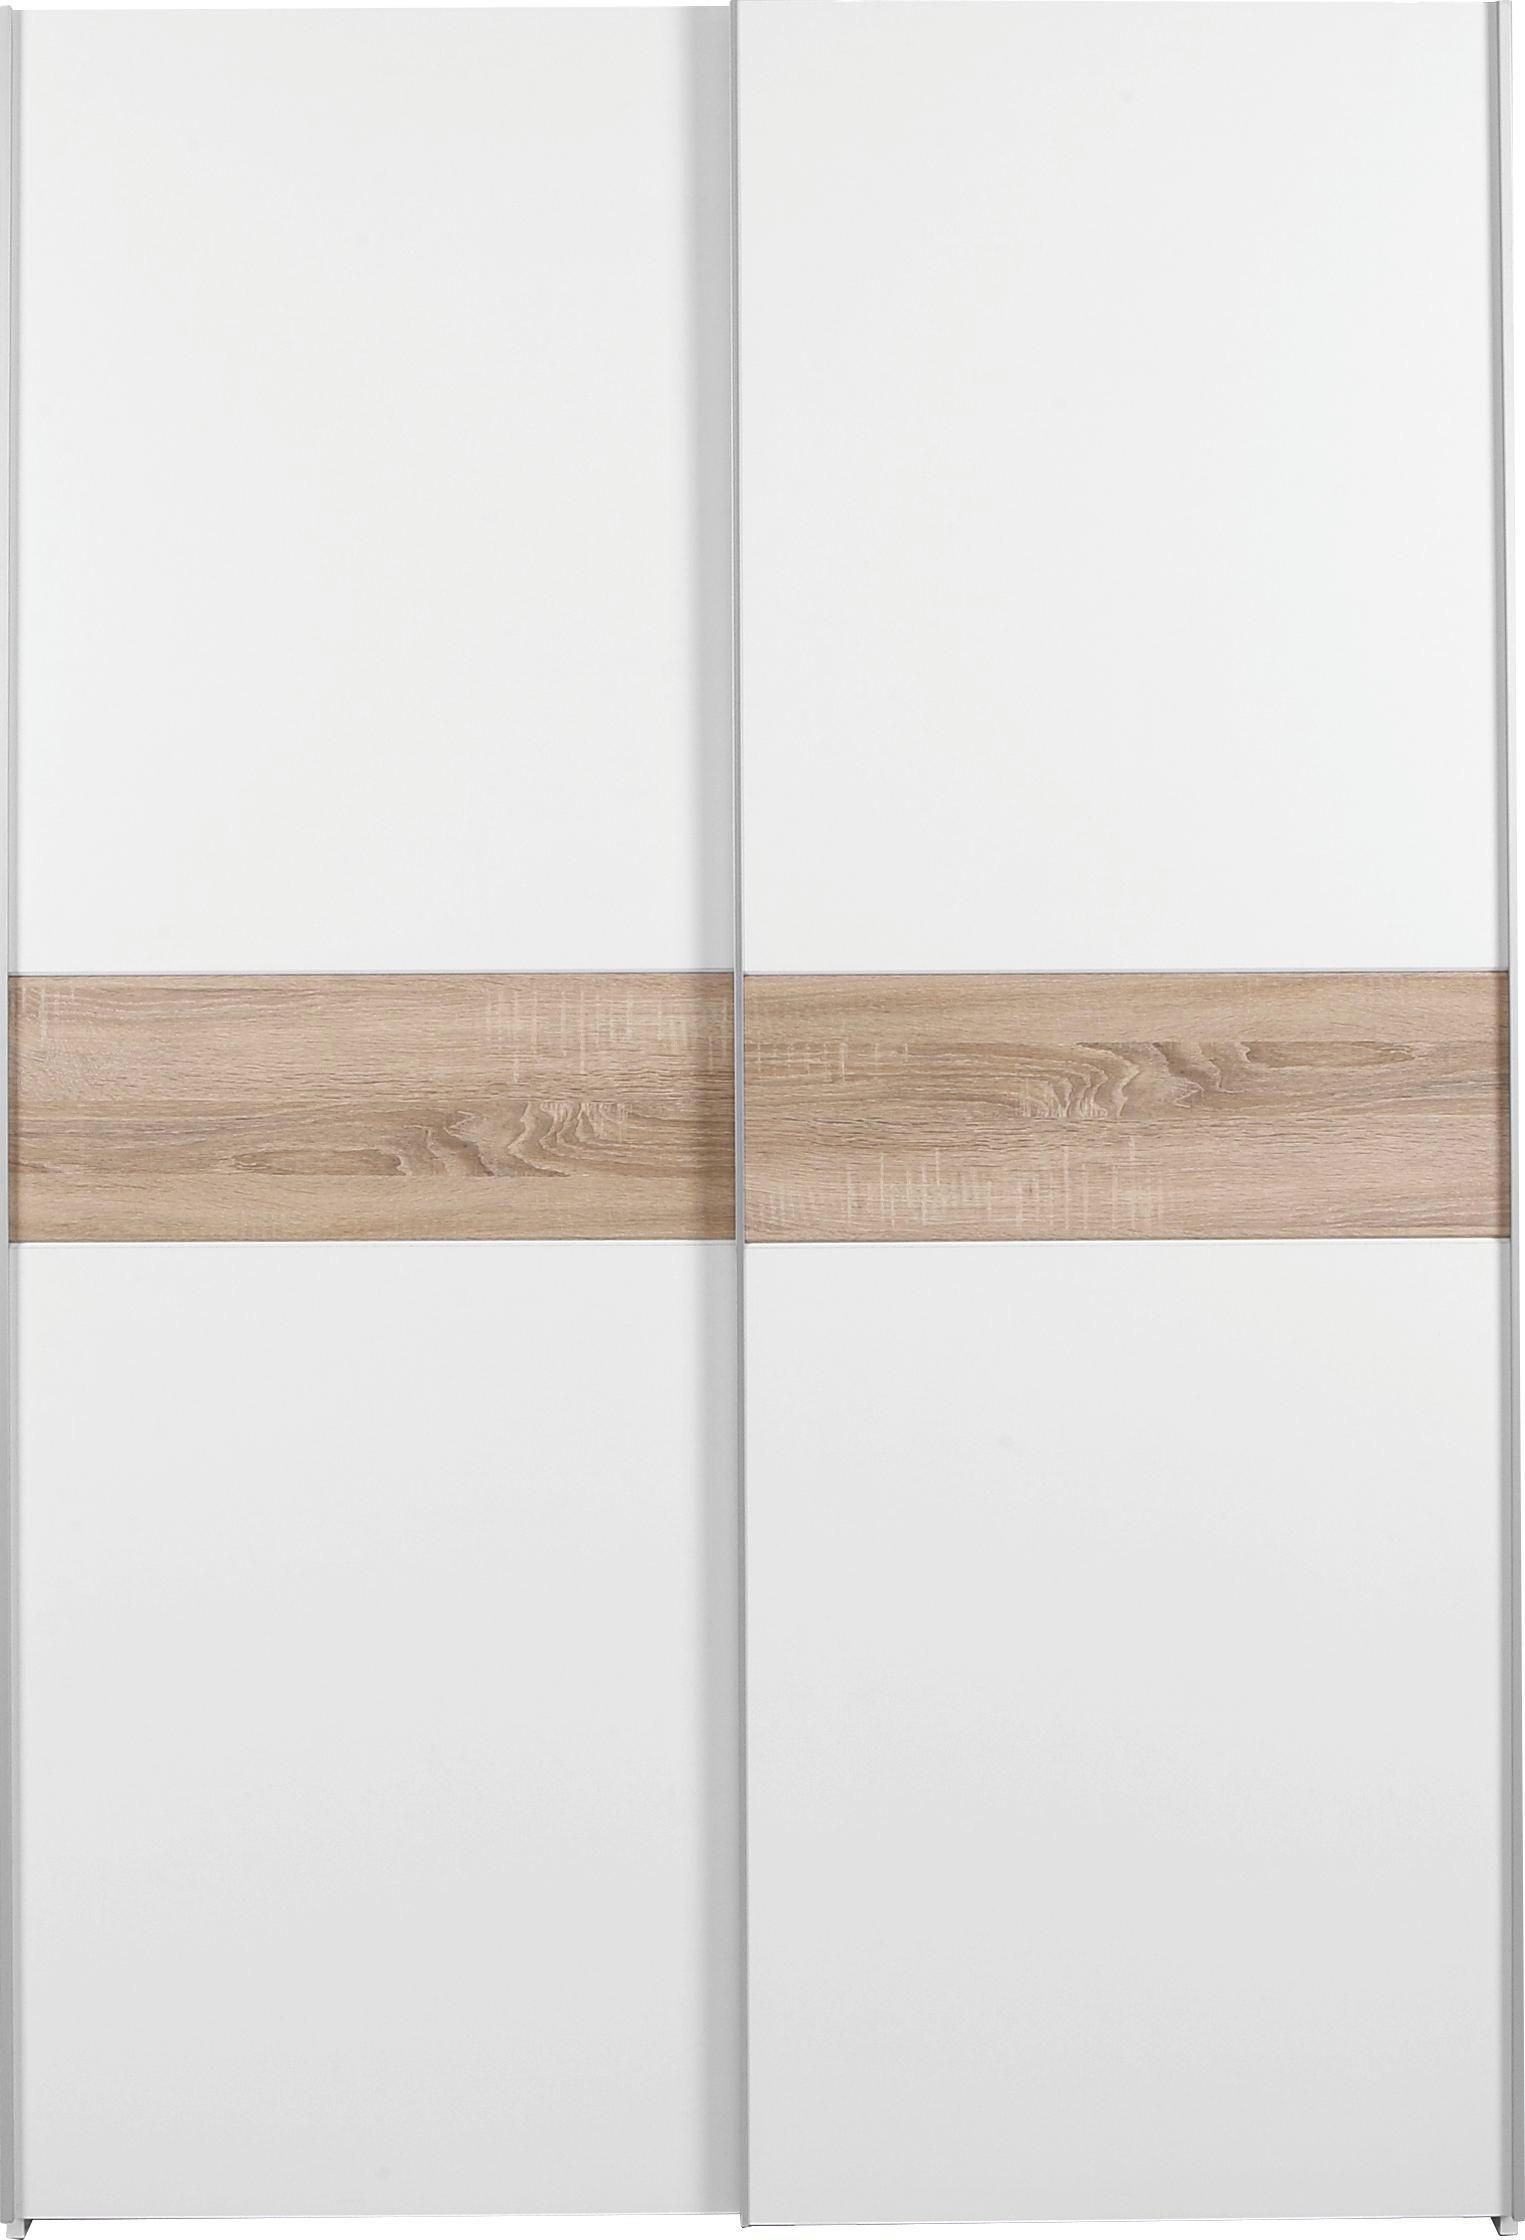 ORMAR S KLIZNIM VRATIMA - bijela/hrast Sonoma, Design, drvo/metal (125/195/62cm) - BOXXX